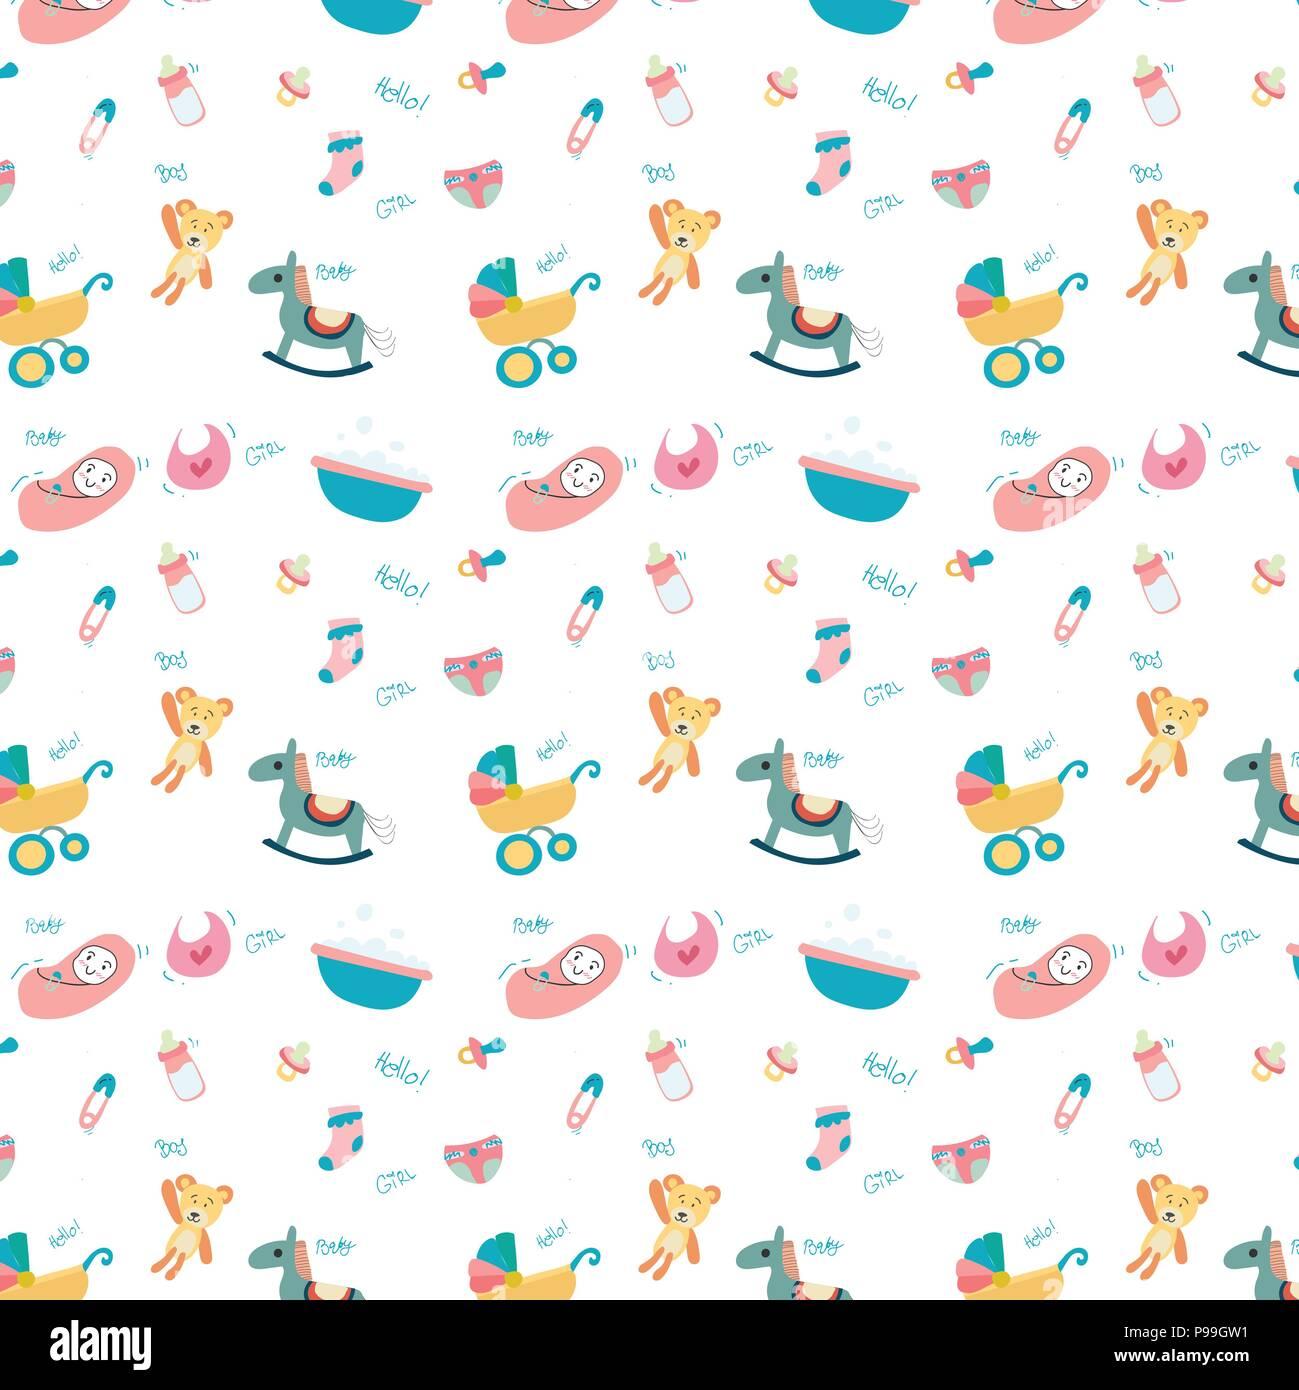 Doodle mignon jouet bébé stuff transparente motif Photo Stock 1bdd14fe100